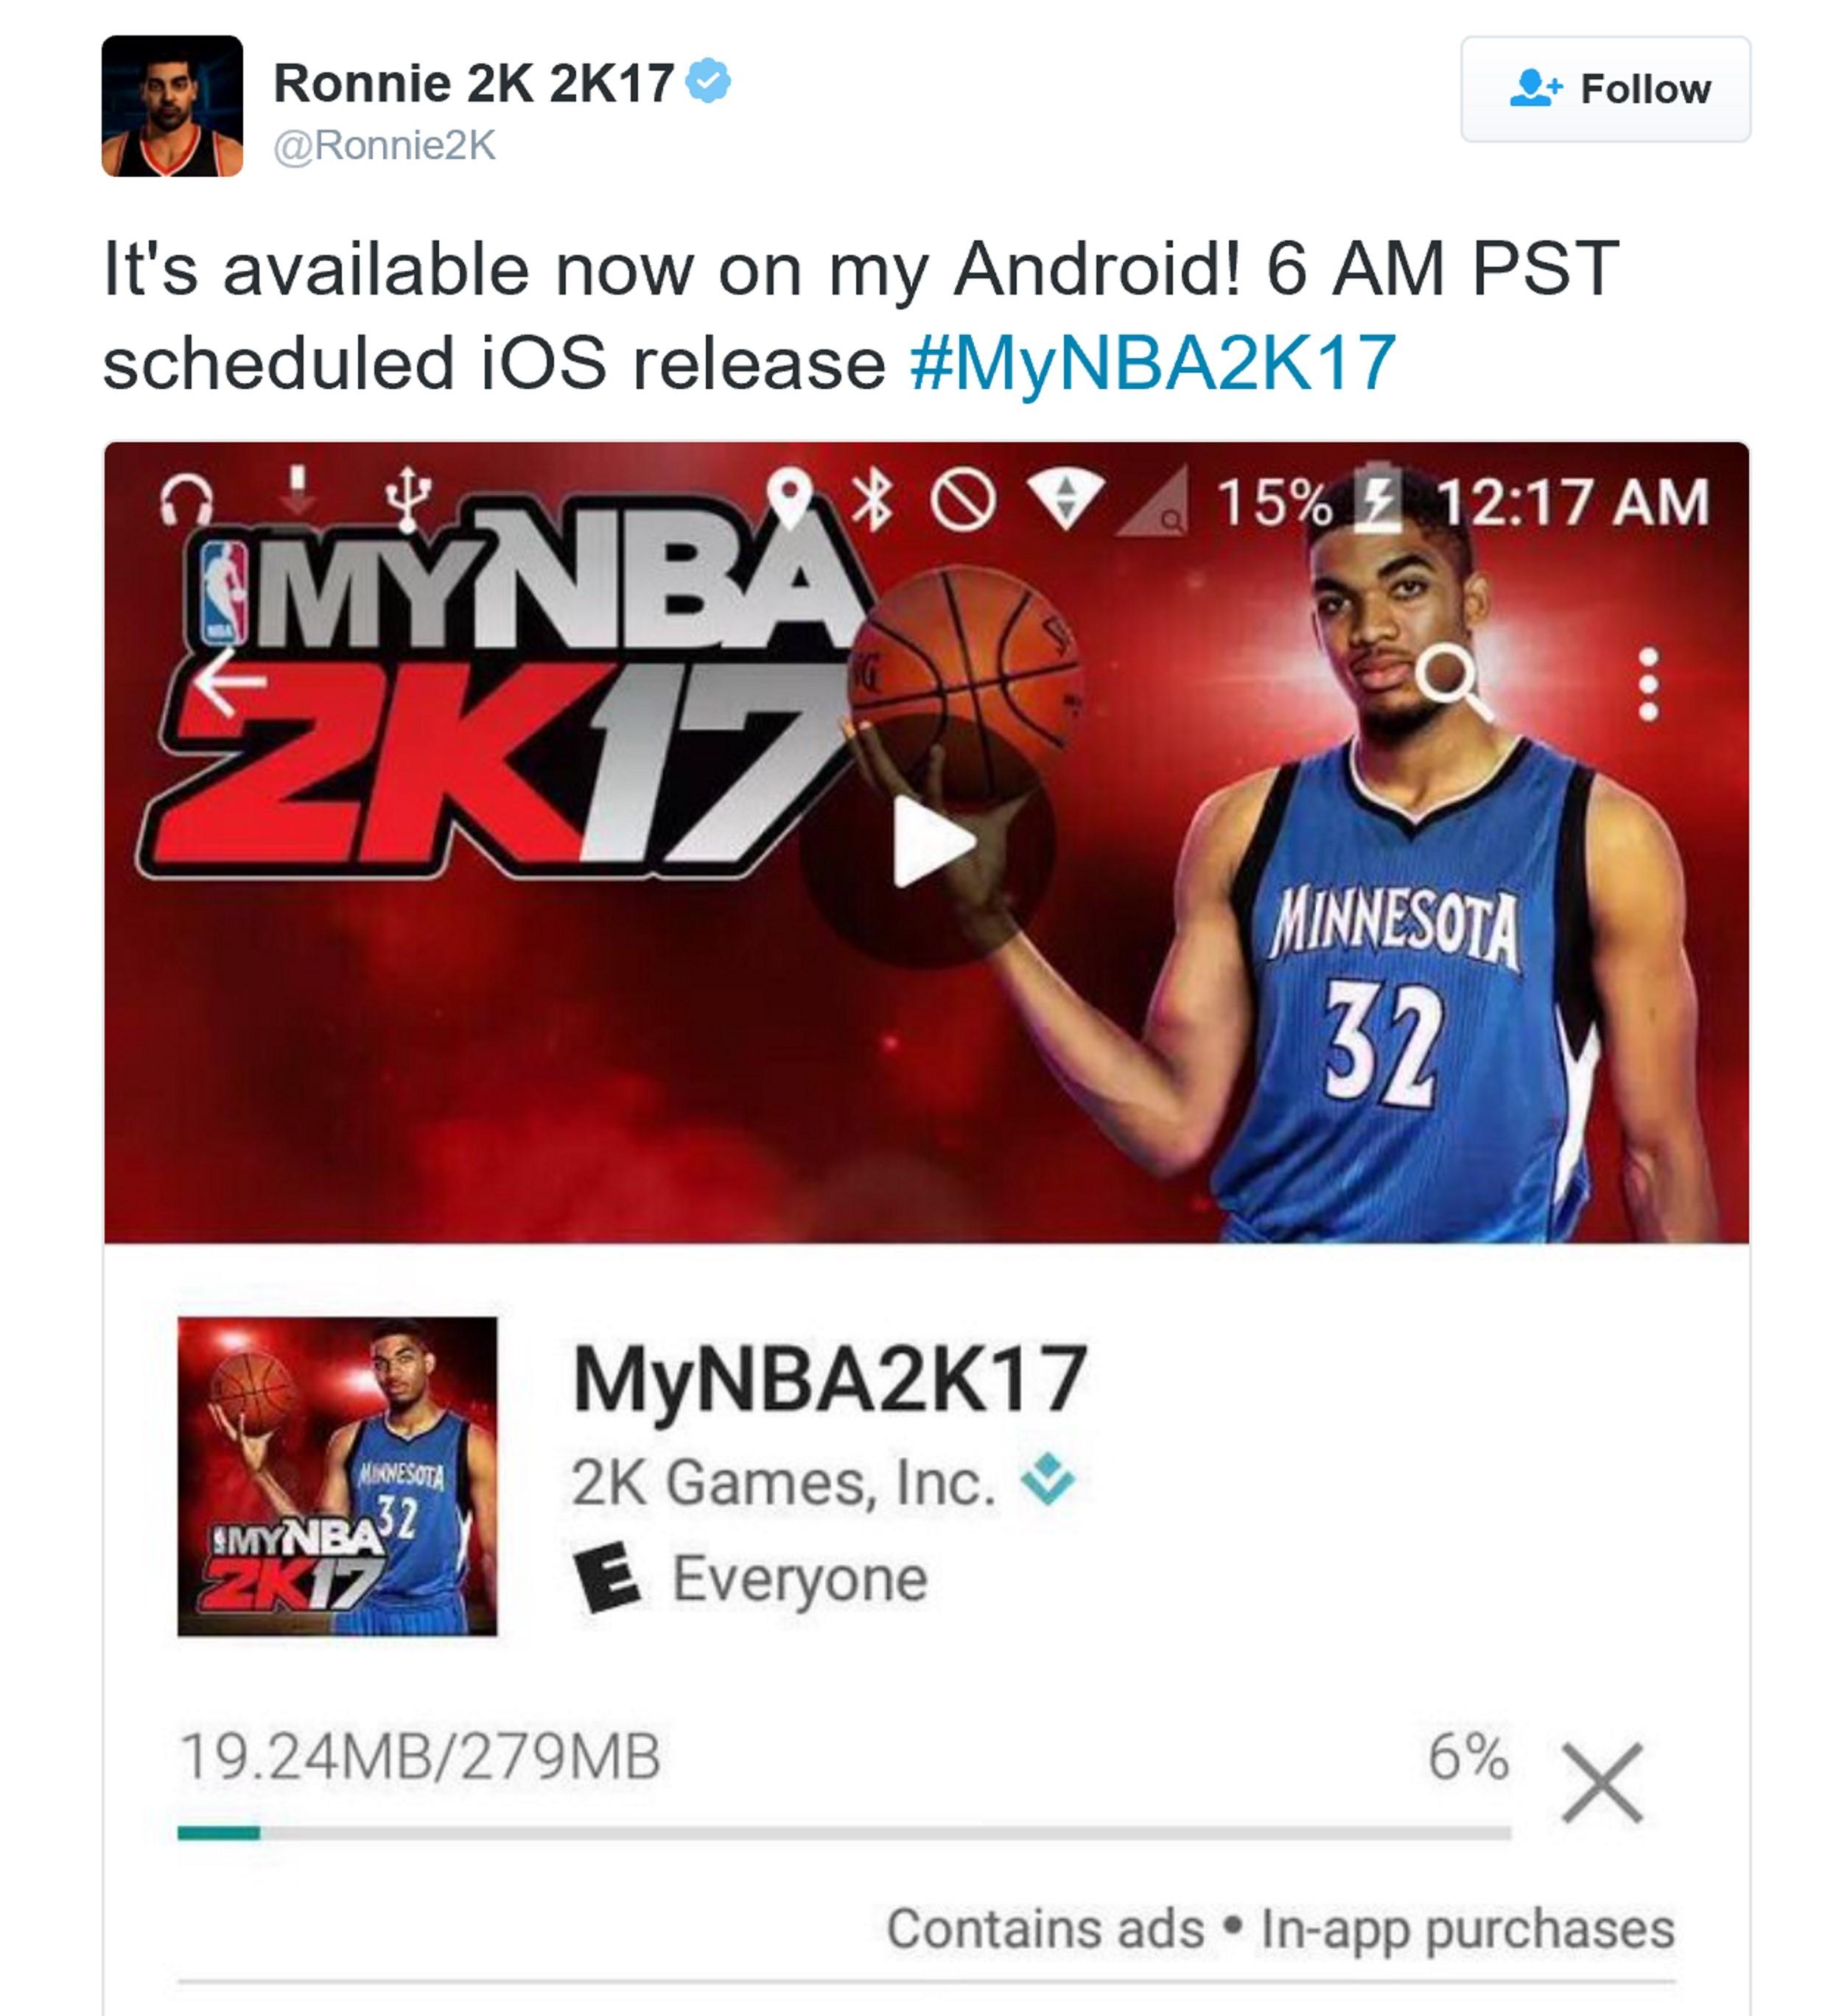 《MyNBA2K17》移动版可下载